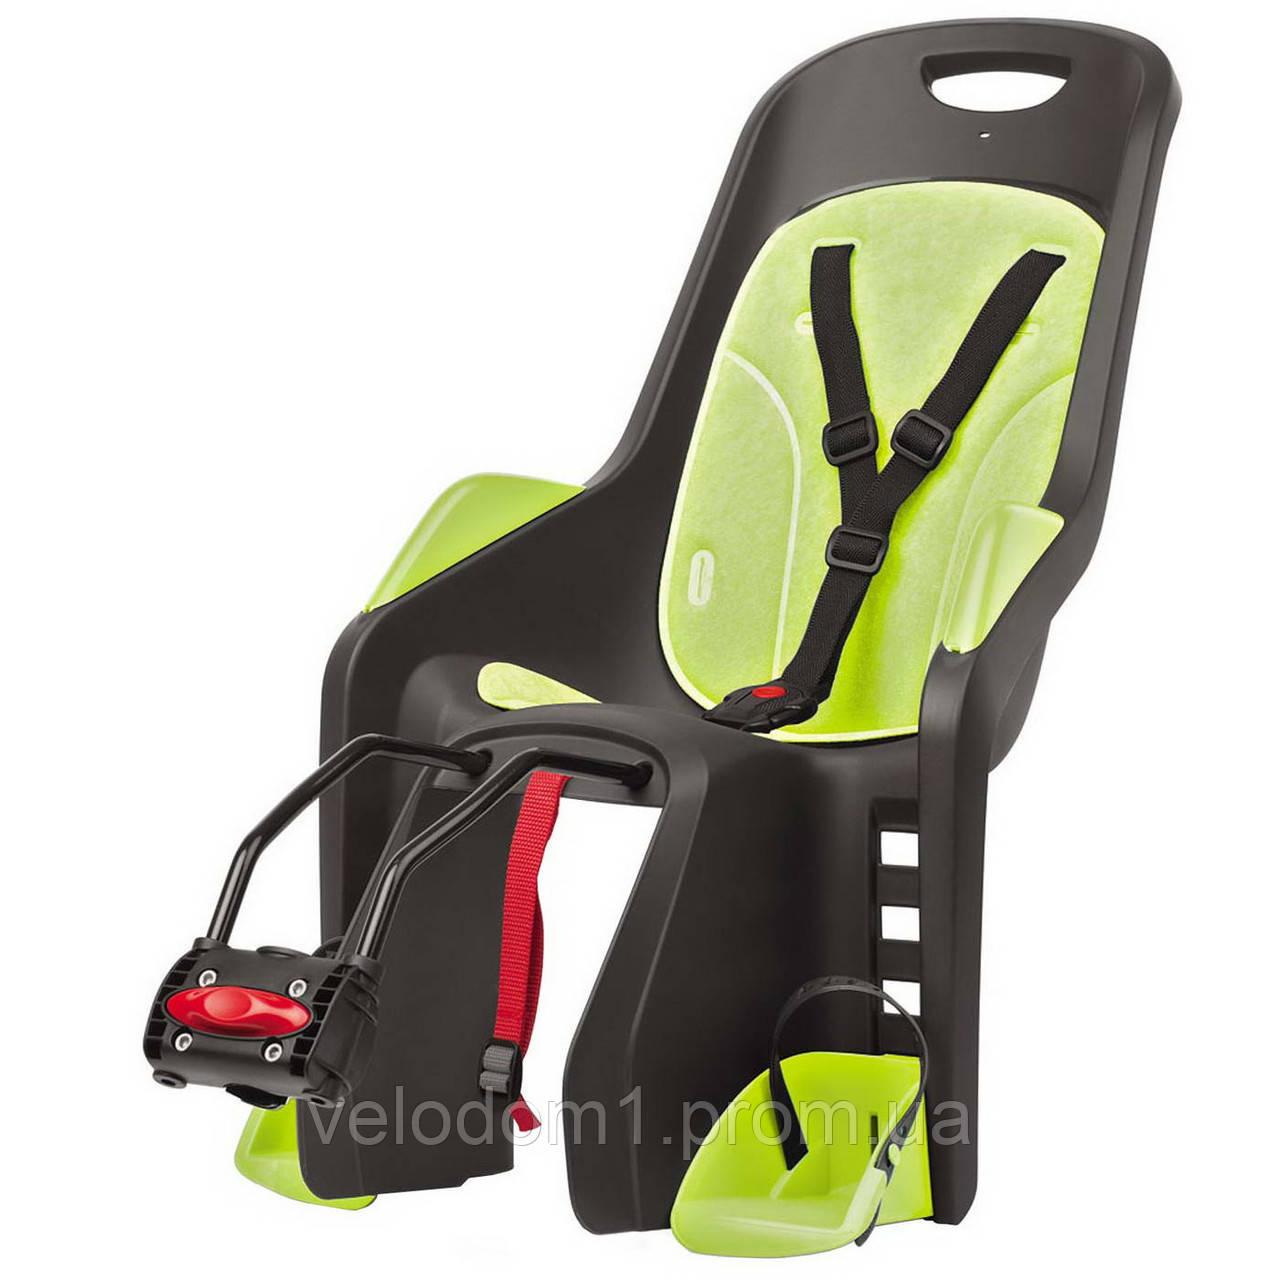 Кресло детское AUTHOR Bubbly maxi FF, серо зеленое, на подседельную трубу рамы